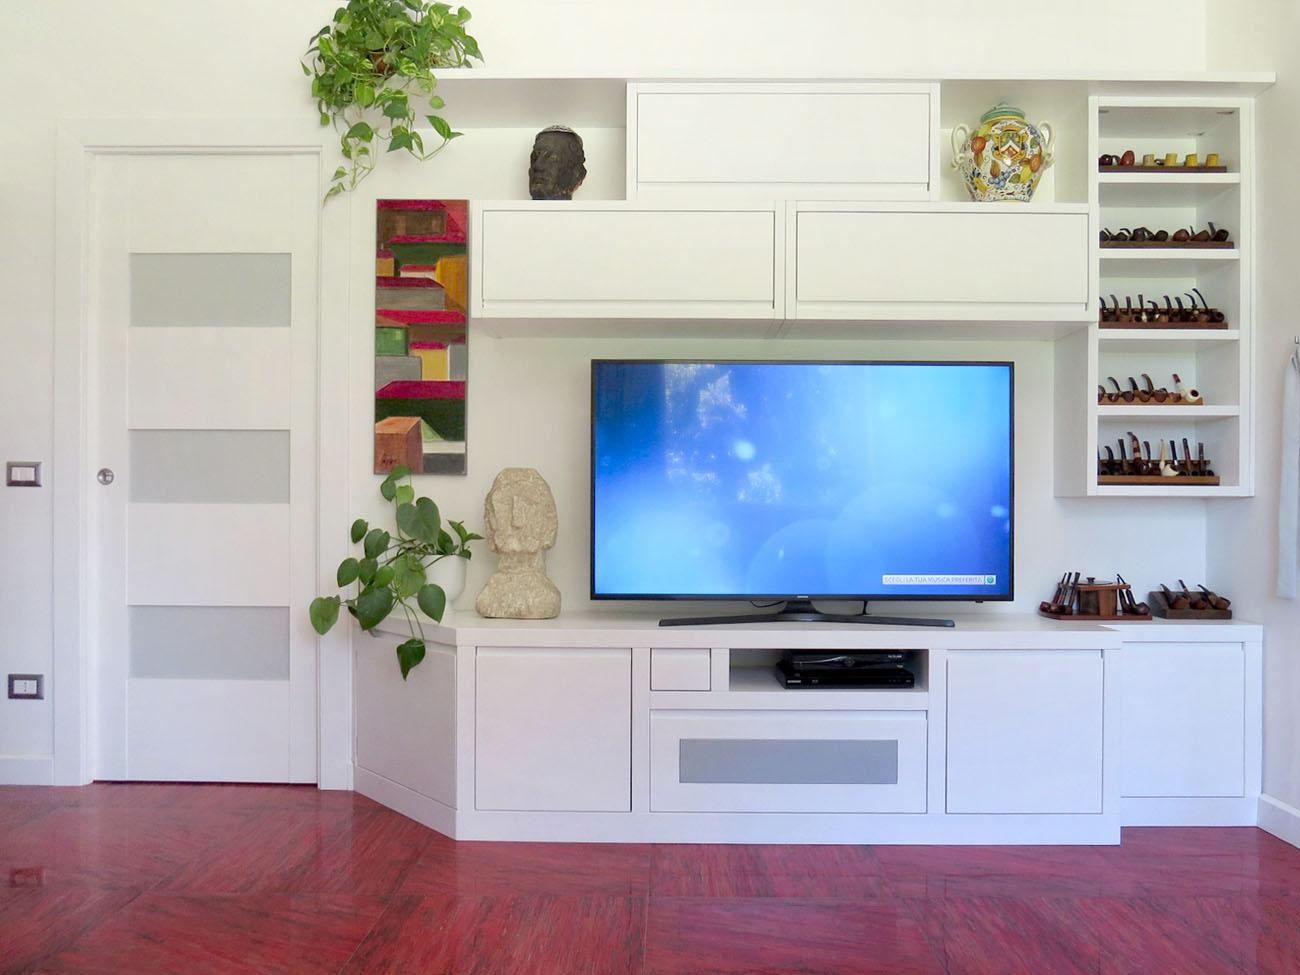 2c mobile porta tv in legno arredamenti e mobili su for 2c arredamenti